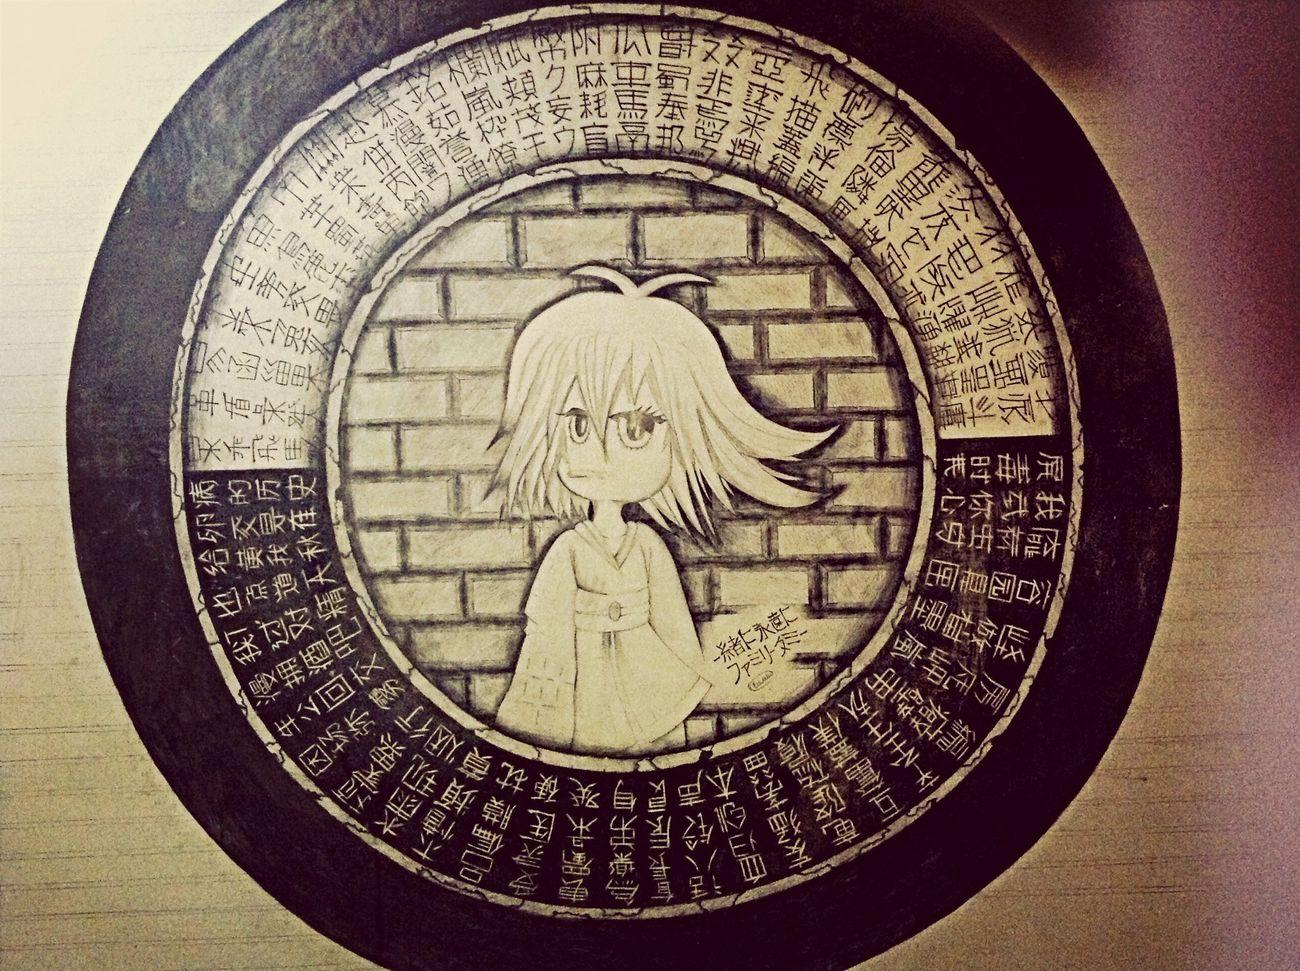 Потрясающий рисунок на стене карандашом 2x2 метра нарисованный мной )